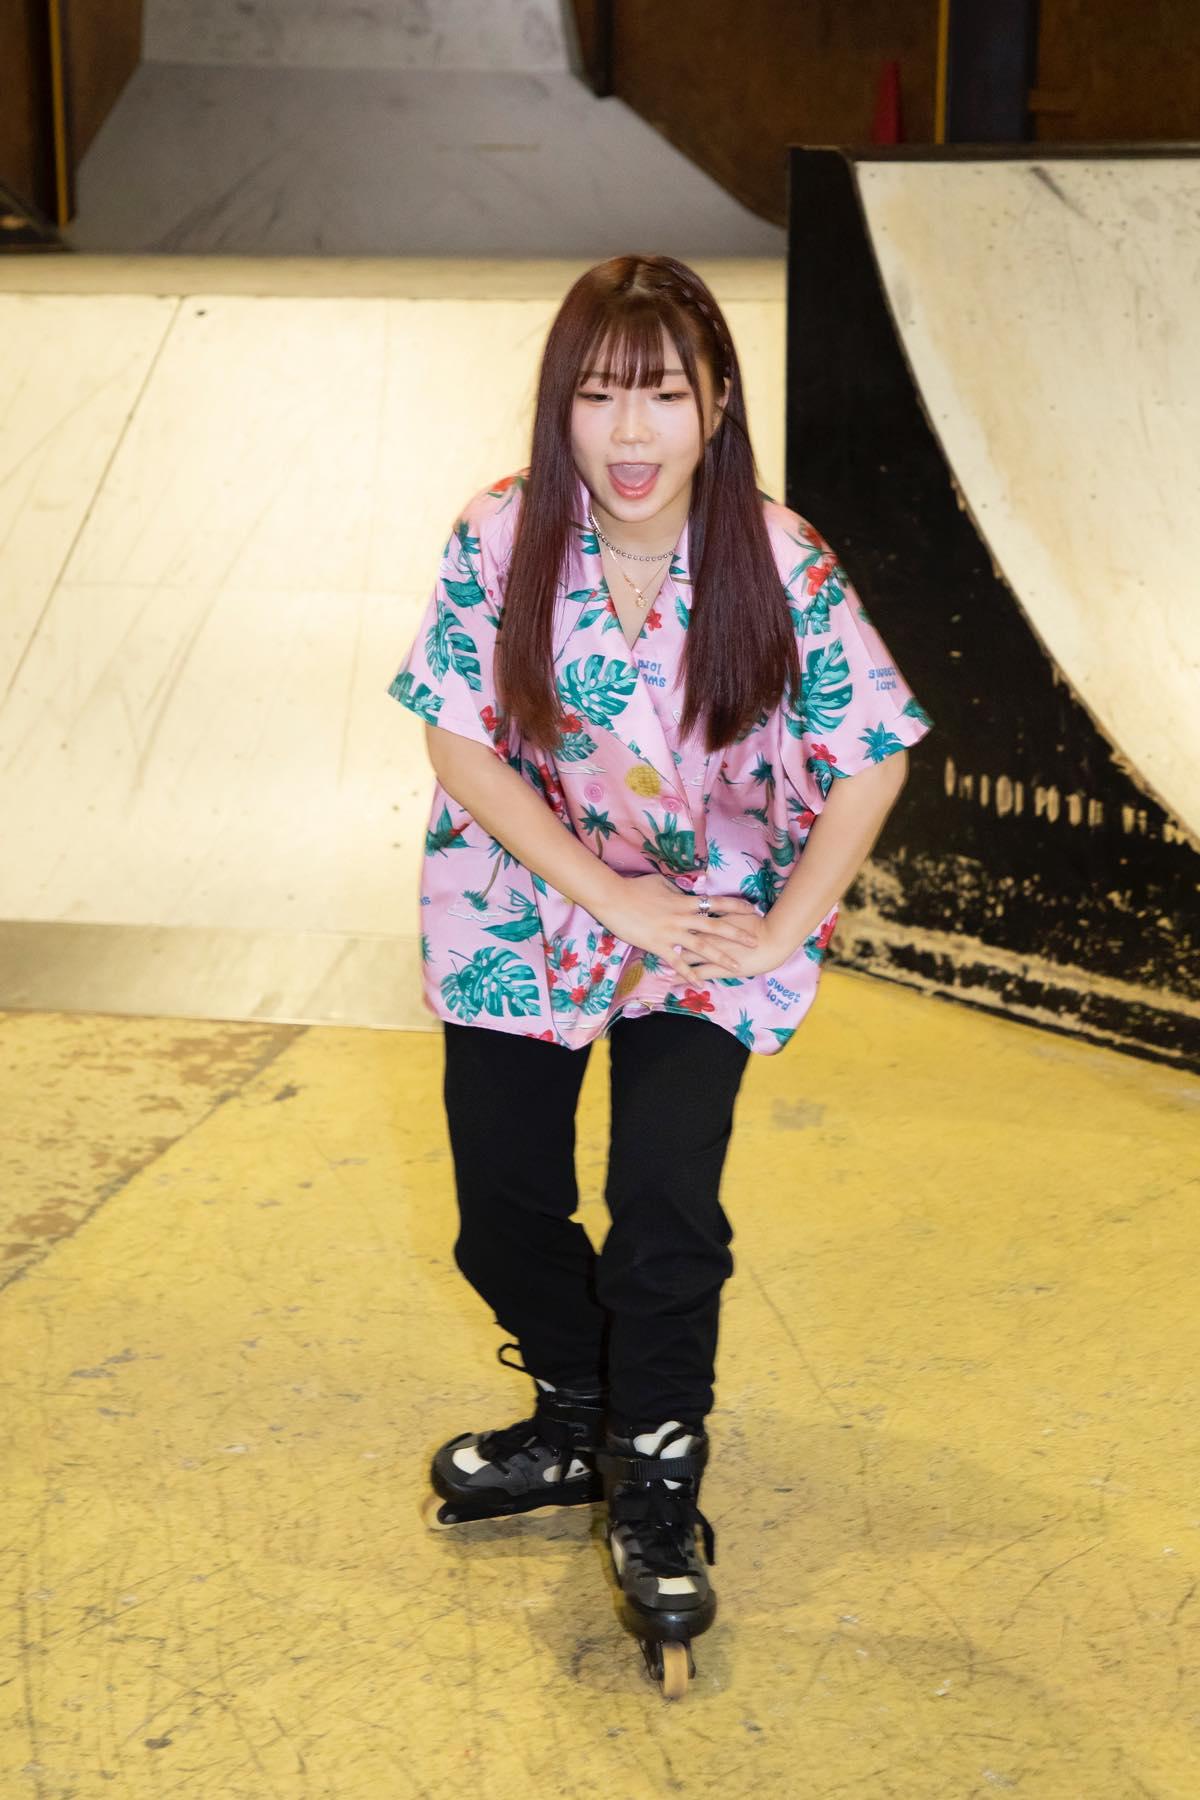 米田みいな「初めてのインラインスケートでなぜかにゃんこスターのモノマネ!?」【写真37枚】【連載】ラストアイドルのすっぴん!vol.21の画像022